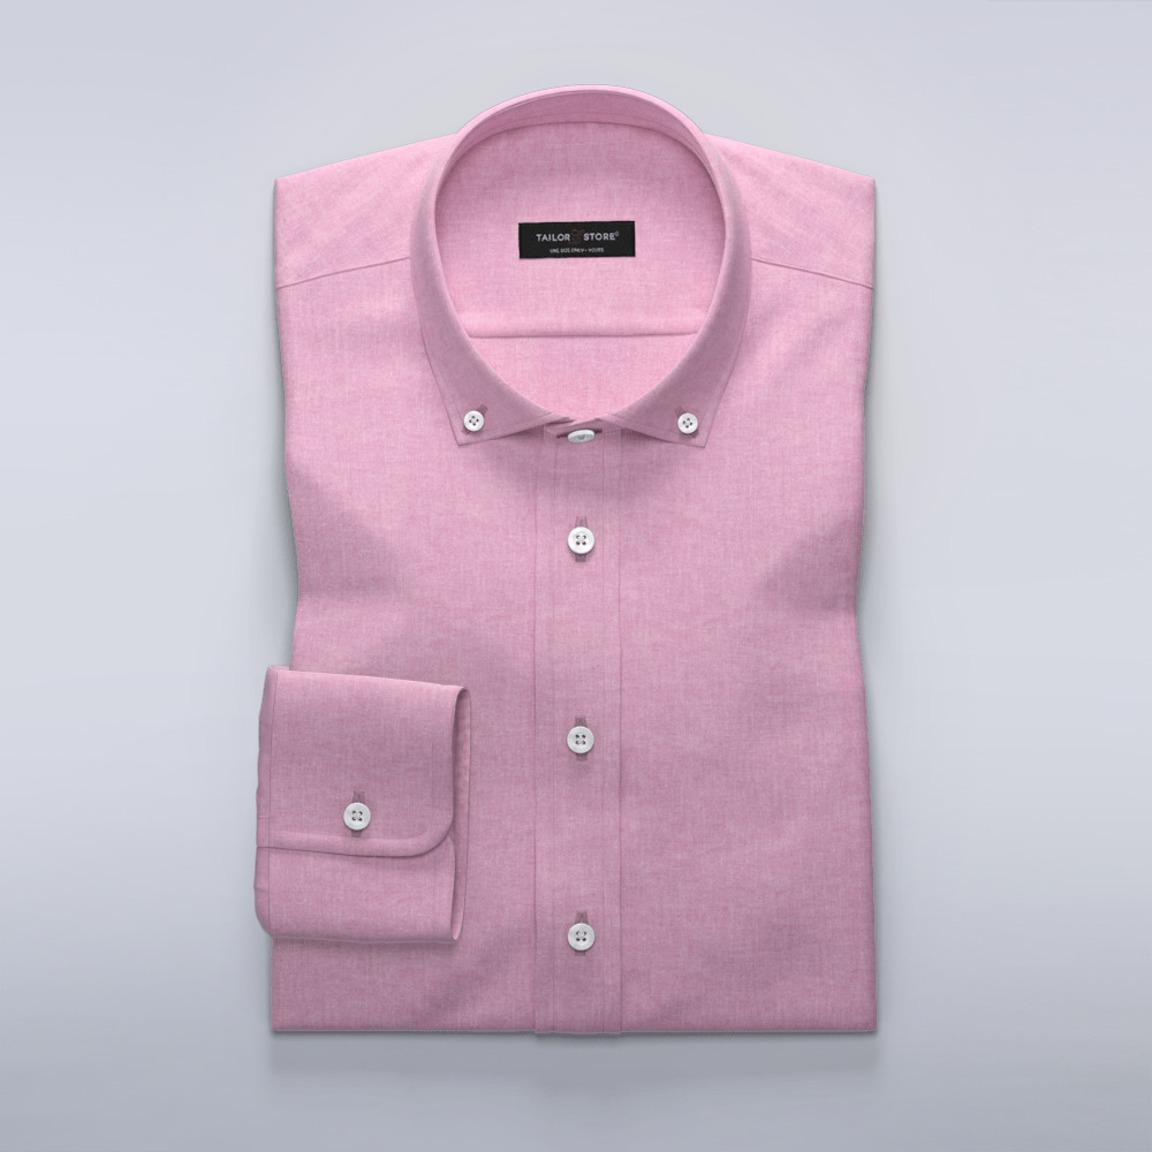 Dameskjorte i rosa bomull/lin